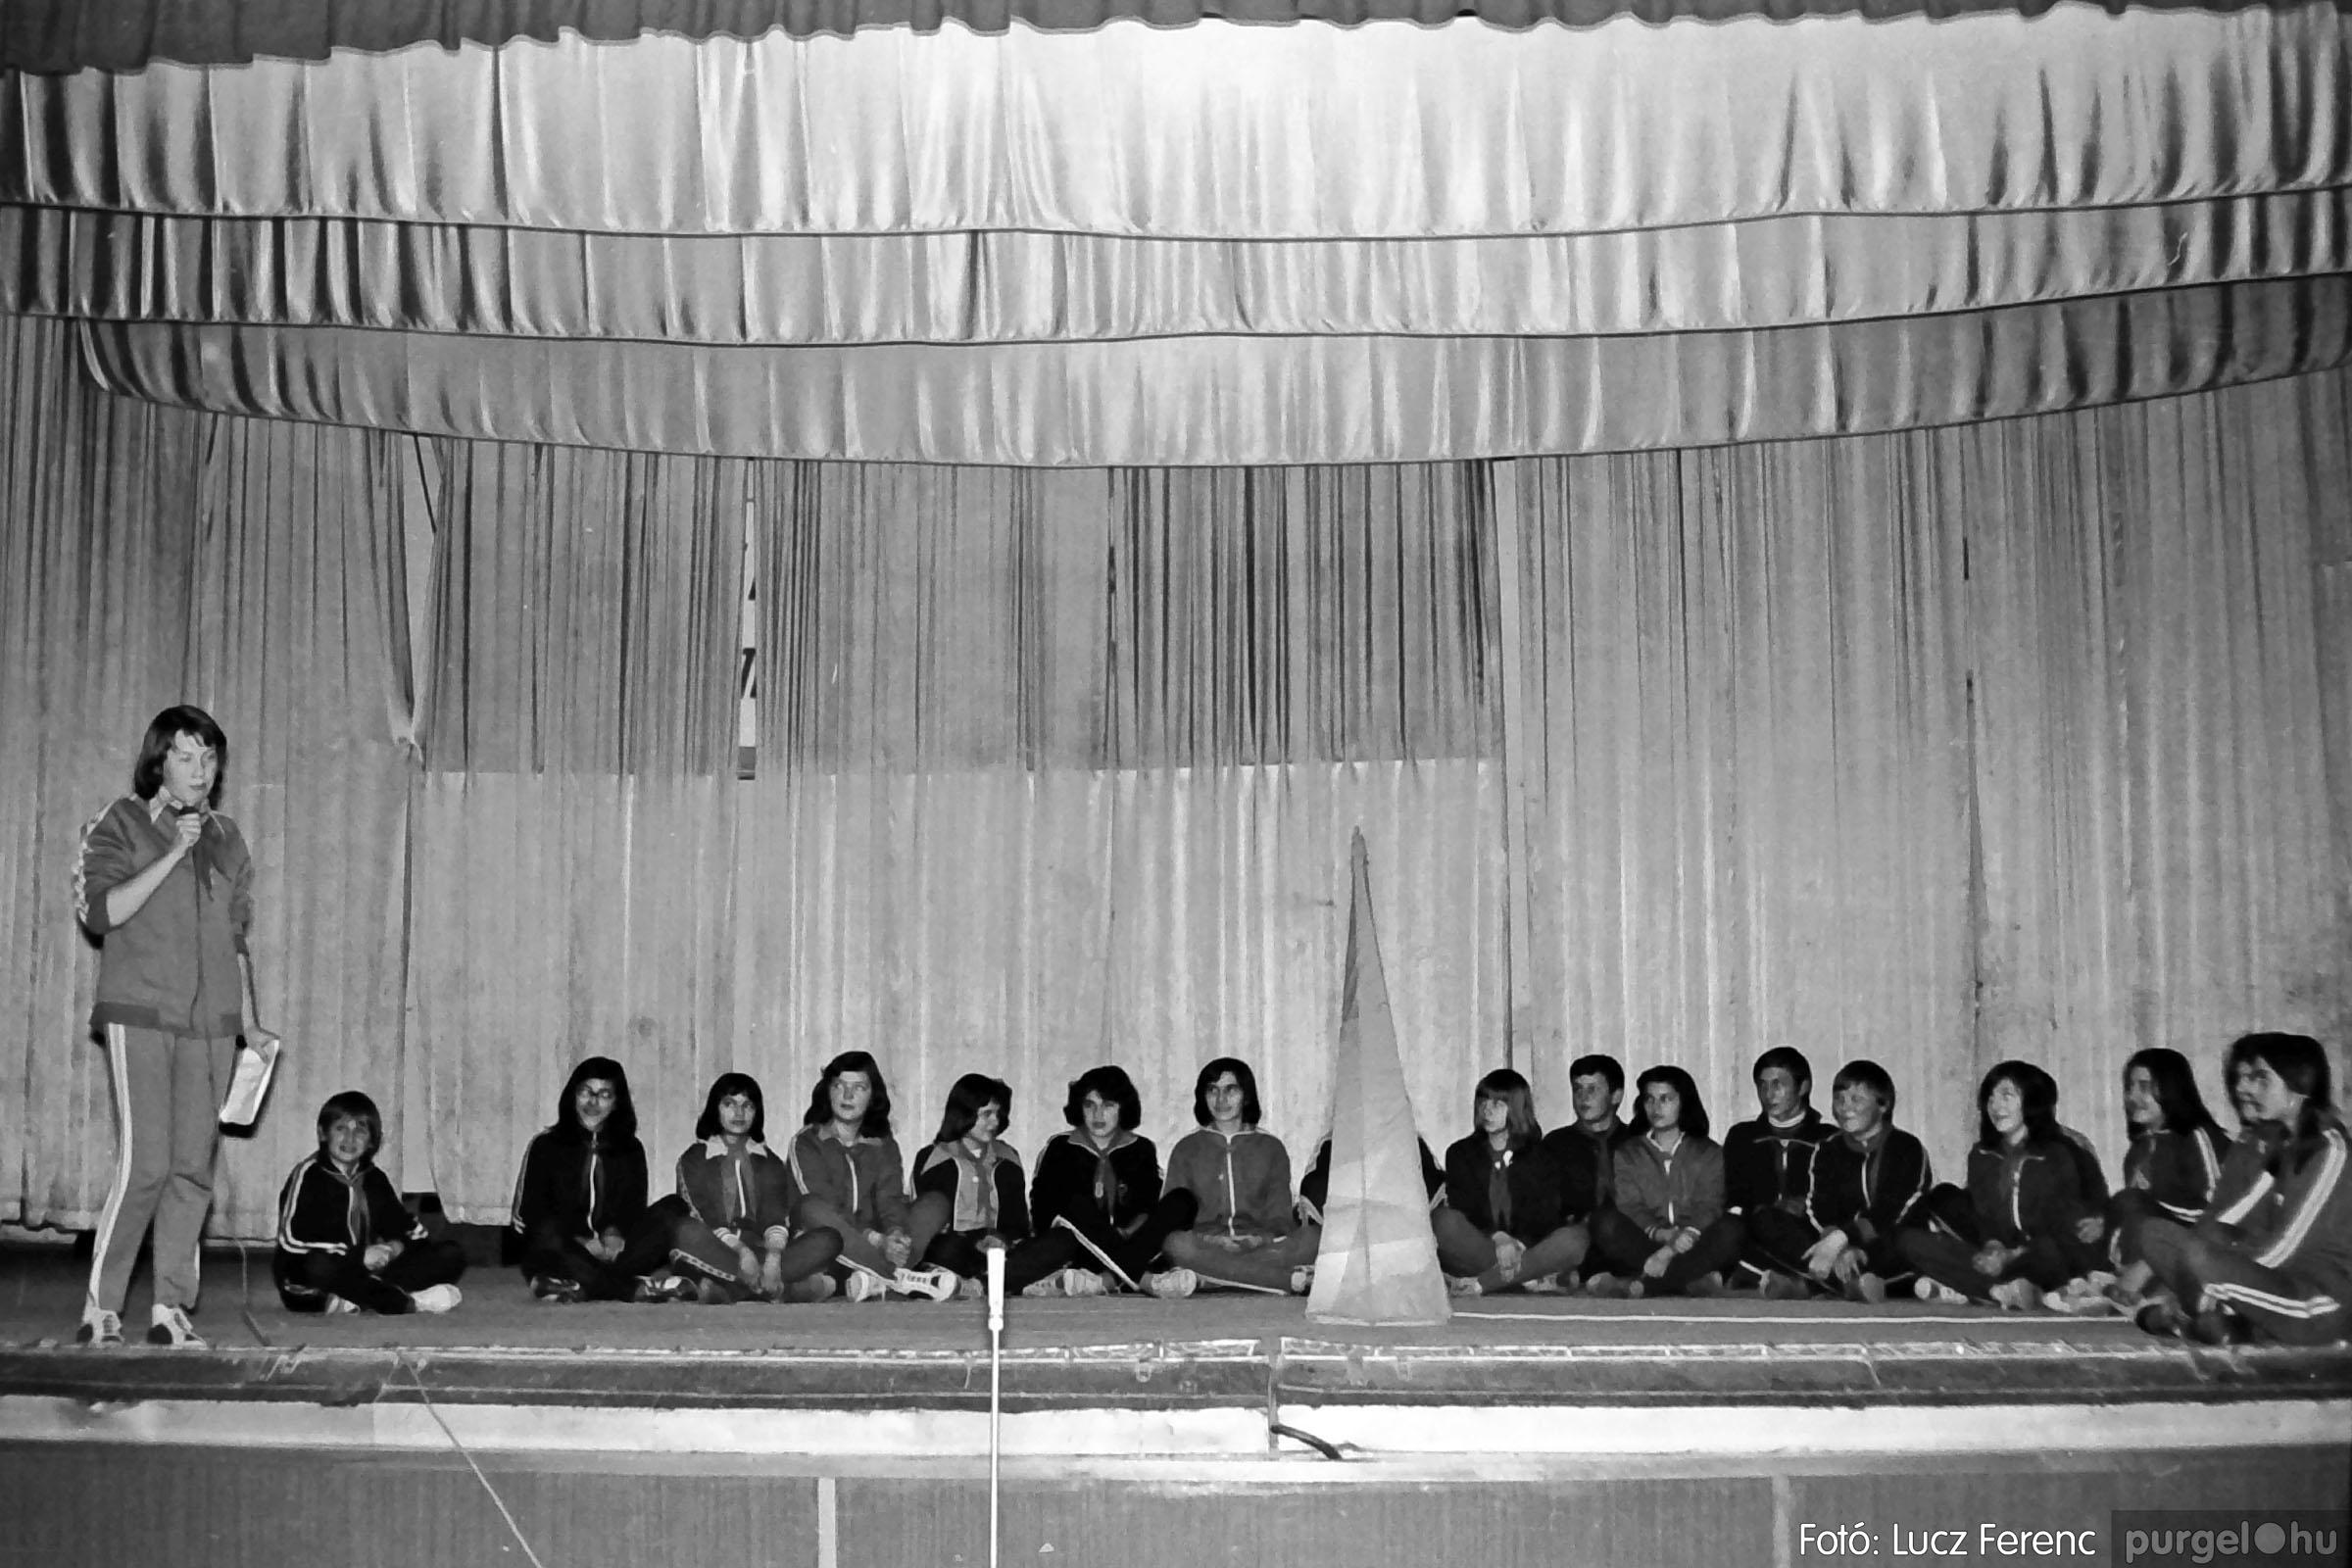 033. 1976. Diákrendezvény a kultúrházban 018 - Fotó: Lucz Ferenc.jpg